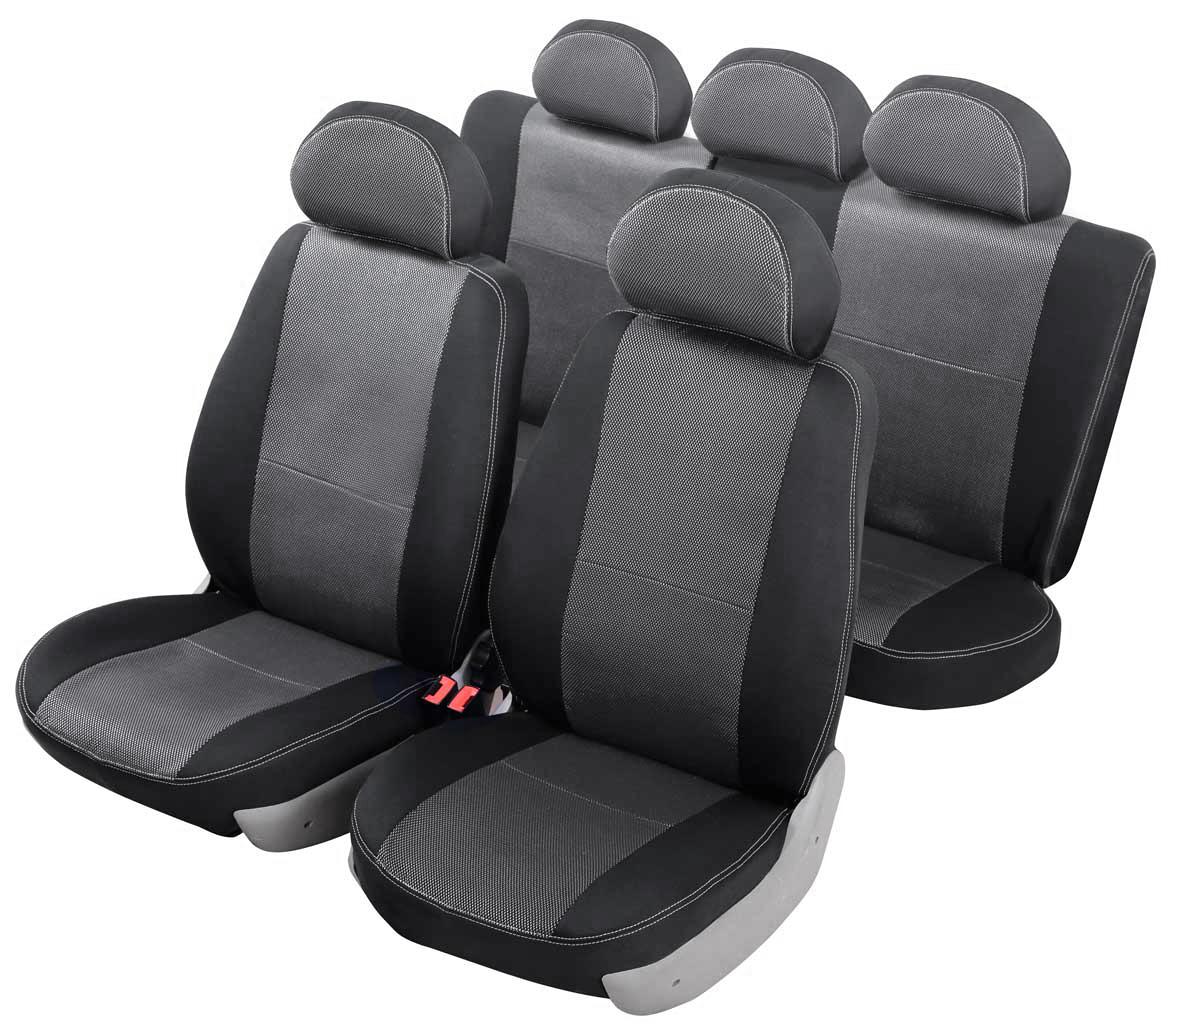 Чехол на автомобильное кресло Senator Dakkar HYUNDAI ACCENT 2000-2012 сед., цвет: черныйS3010141Разработаны в РФ индивидуально для каждой модели автомобиля. Чехлы Senator Dakkar серийно выпускаются на собственном швейном производстве в России. Чехлы идеально повторяют штатную форму сидений и выглядят как оригинальная обивка сидений. Для простоты установки используется липучка Velcro, учтены все технологические отверстия. Чехлы сохраняют полную функциональность салона – трасформация сидений, возможность установки детских кресел ISOFIX, не препятствуют работе подушек безопасности AIRBAG и подогрева сидений. Дизайн чехлов Senator Dakkar приближен к оригинальной обивке салона. Чехлы имеют вставки из жаккарда по центру переднего сиденья и на подголовниках. Декоративная контрастная прострочка по периметру авточехлов придает стильный и изысканный внешний вид интерьеру автомобиля. Чехлы Senator Dakkar изготовлены из сверхпрочного жаккарда, триплированного огнеупорным поролоном толщиной 3 мм, за счет чего чехол приобретает дополнительную мягкость. Подложка из спандбонда сохраняет...